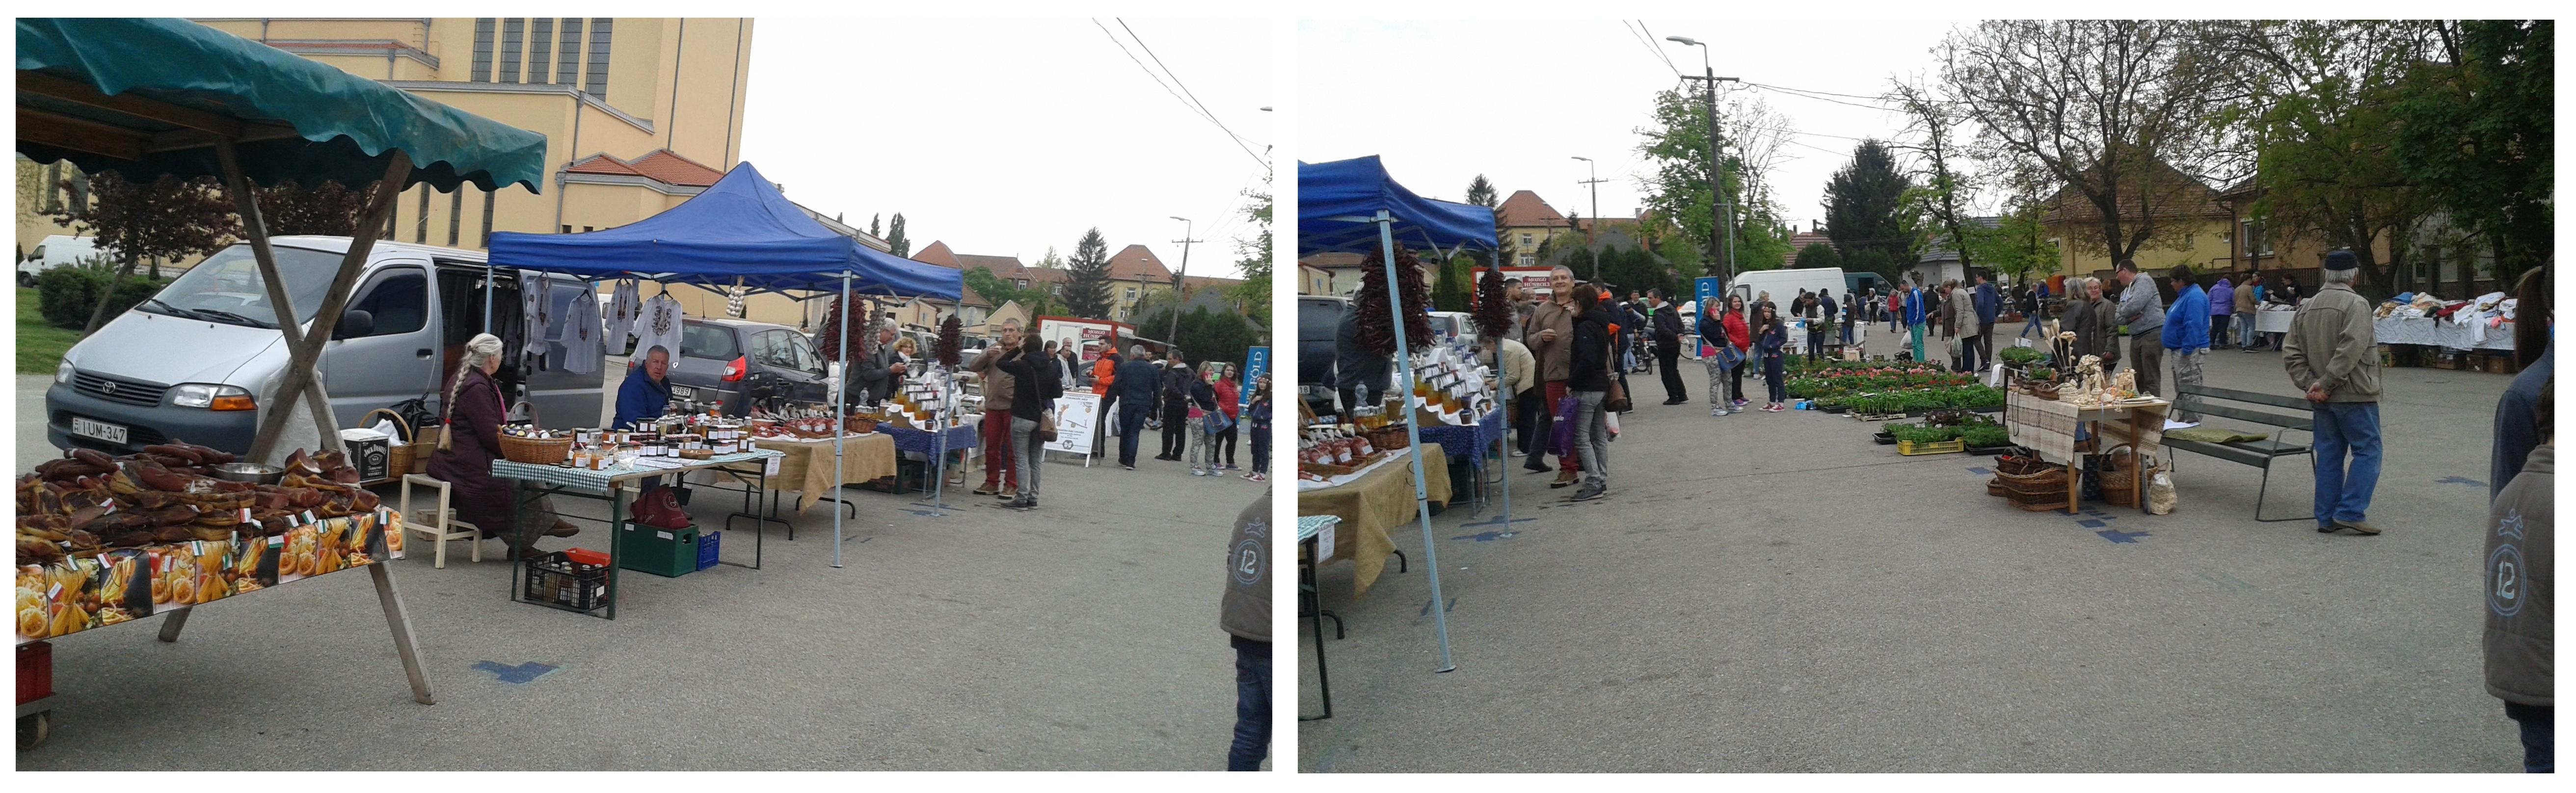 Csornai Piac